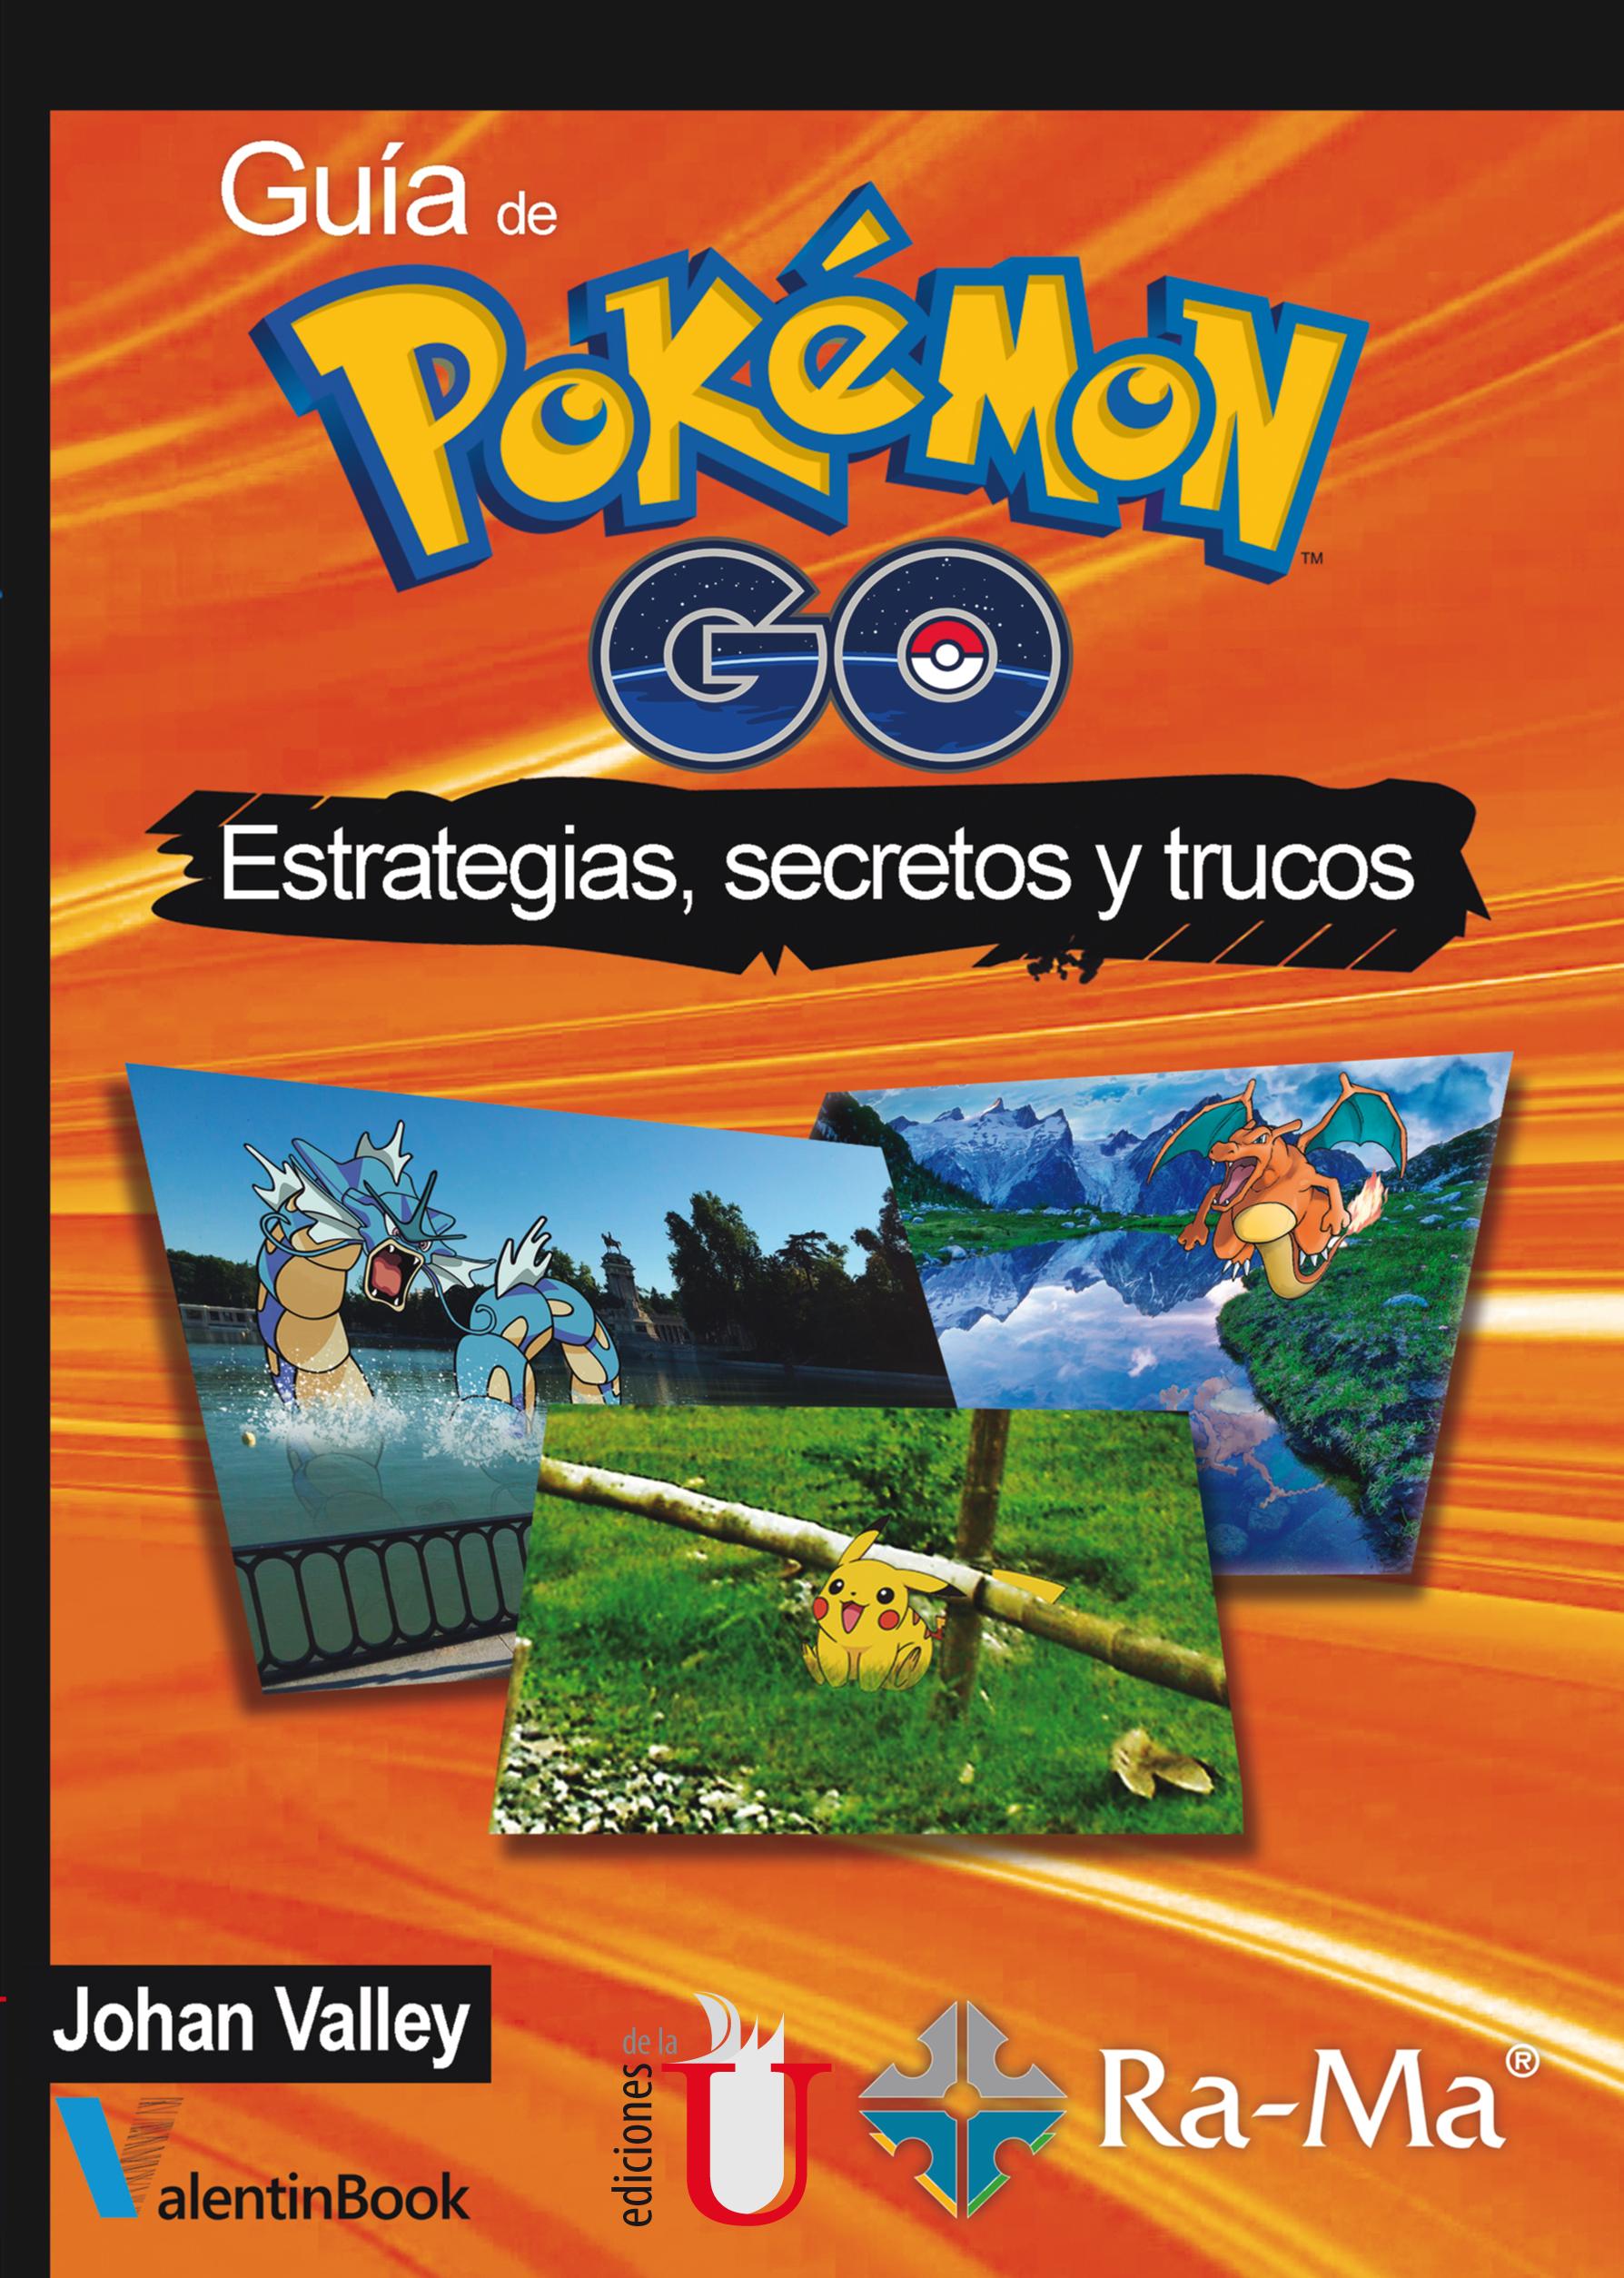 Guia de Pokémon Go